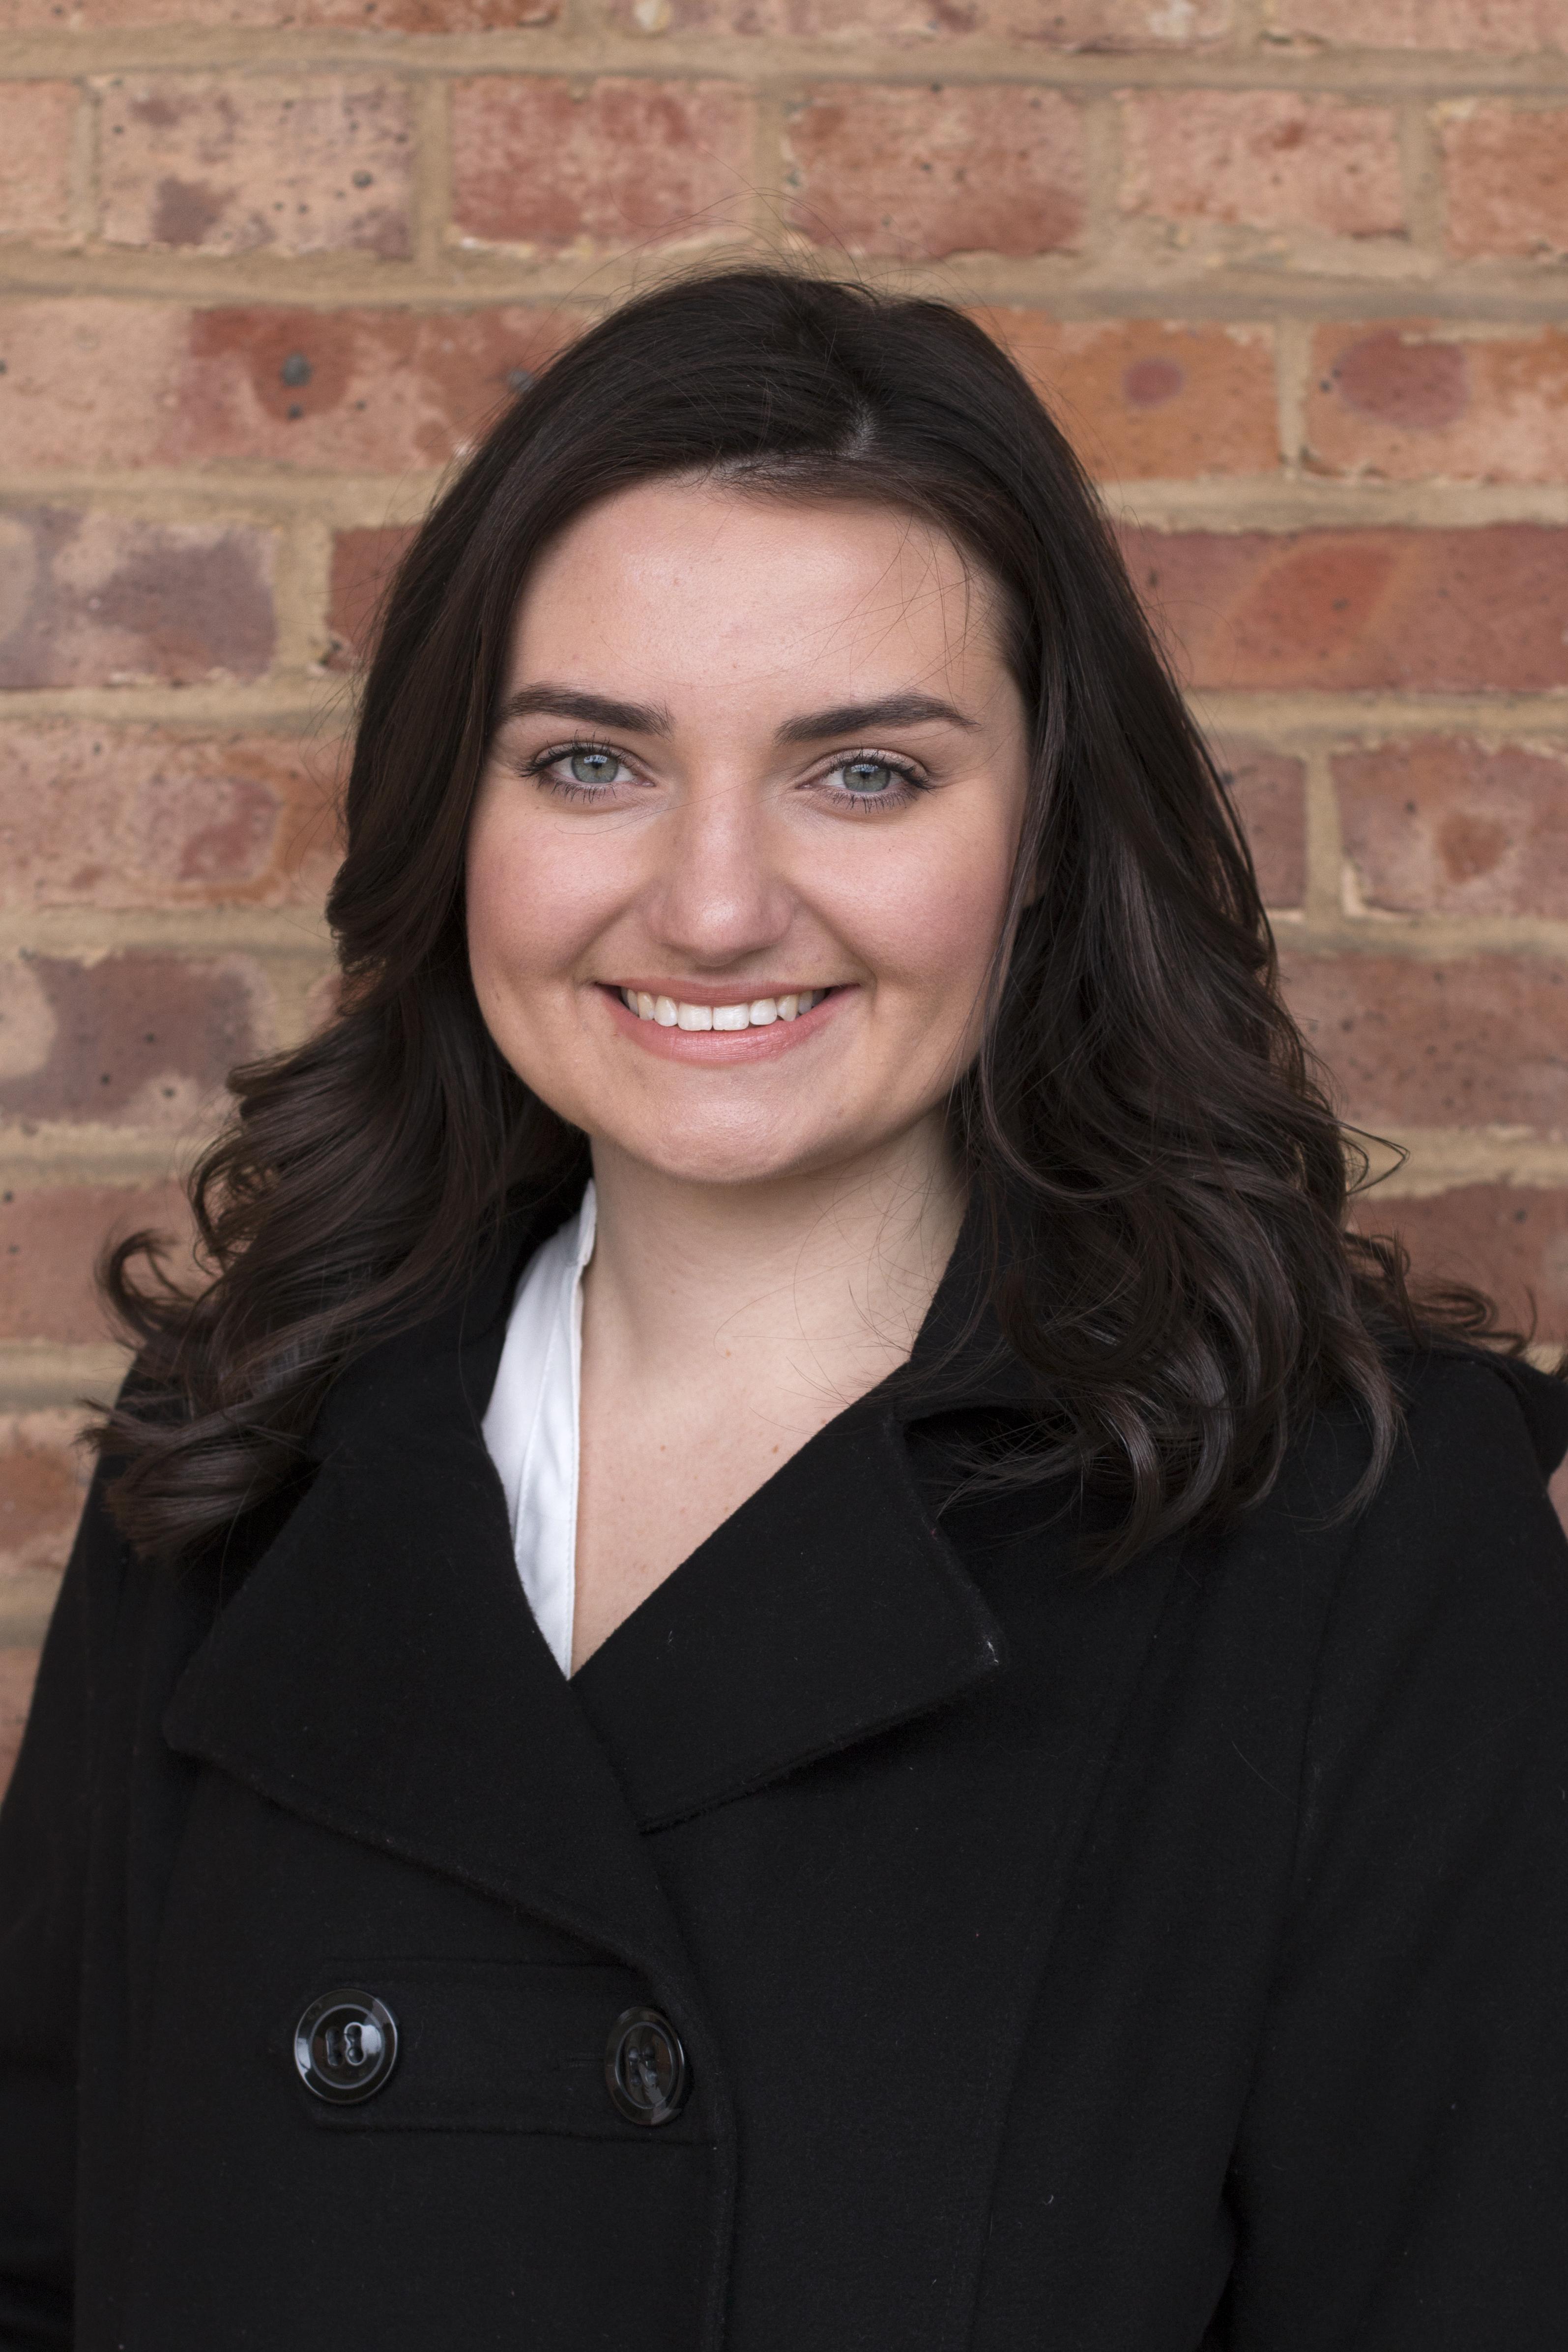 Alexis O'Hagan